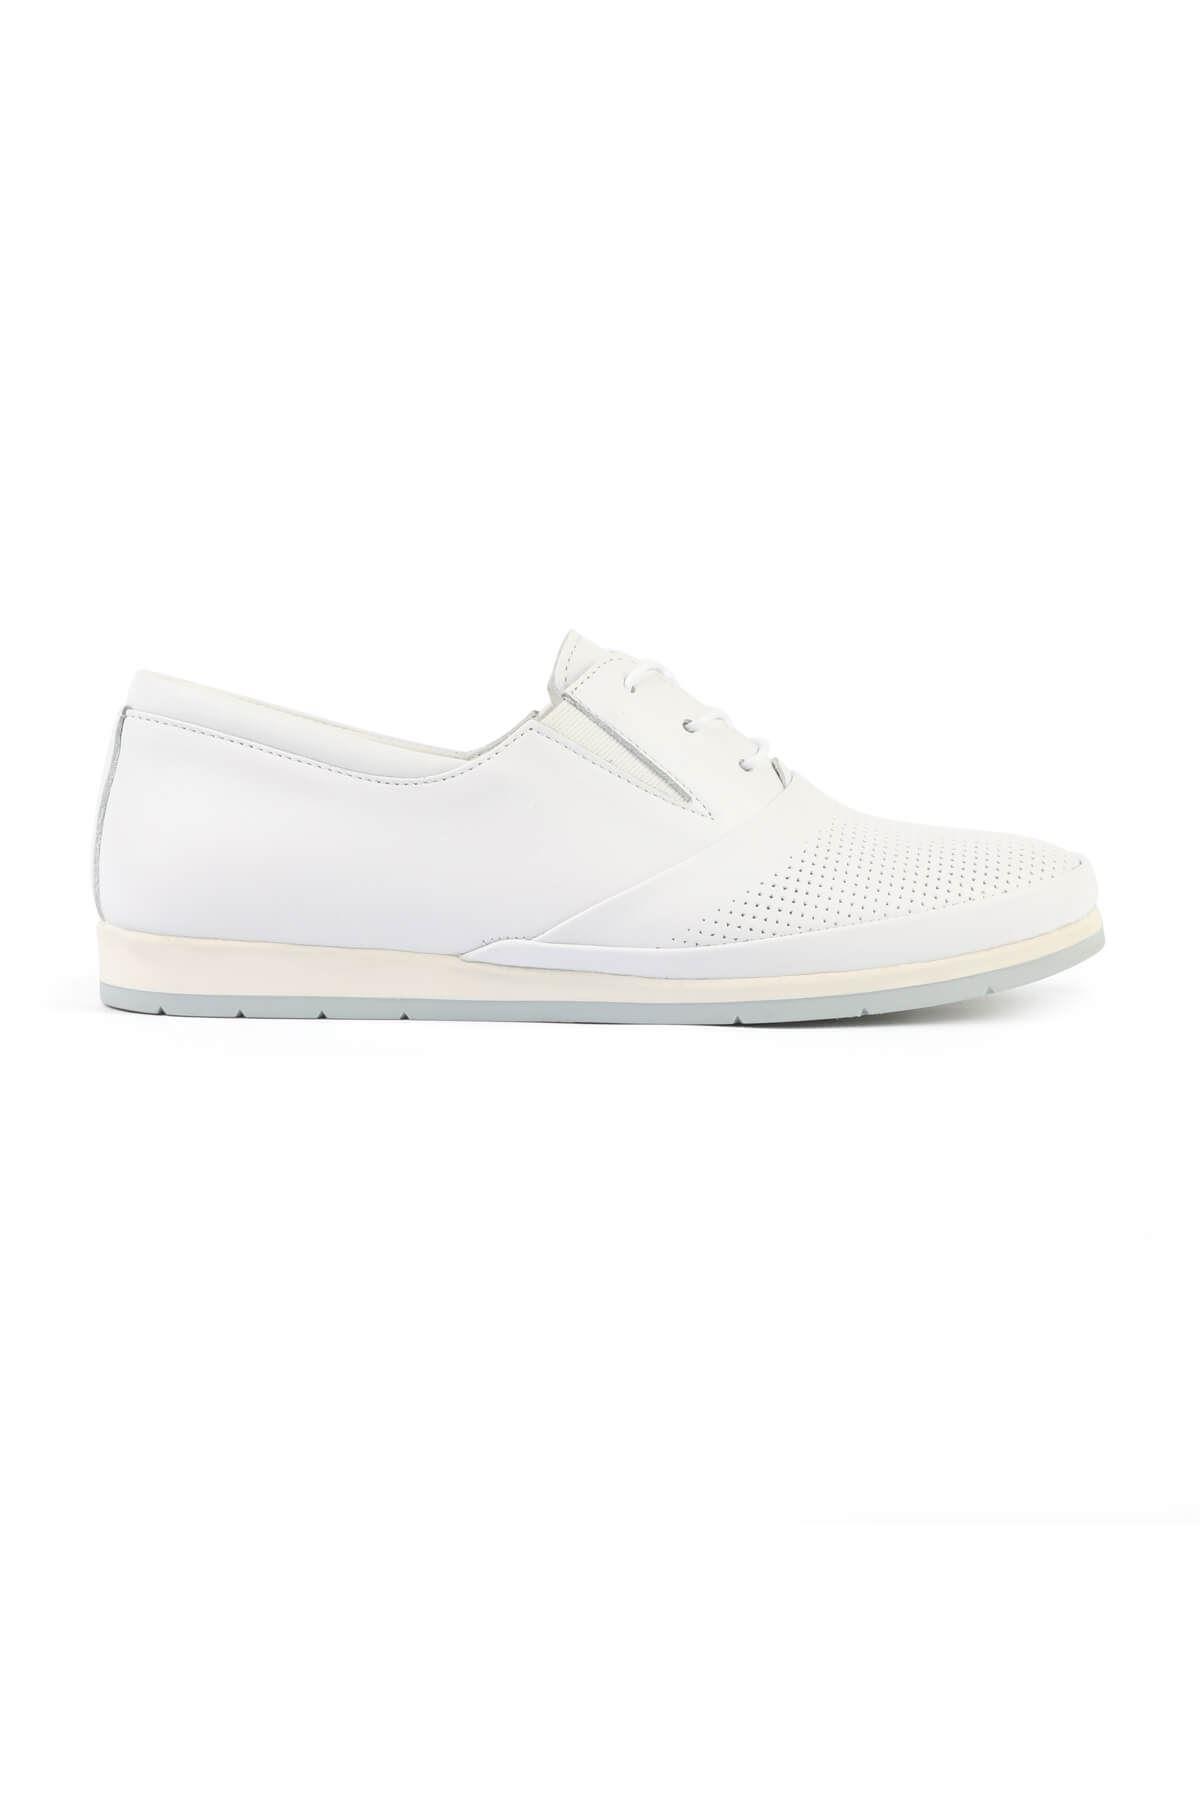 Libero FMS201 White Casual Shoes